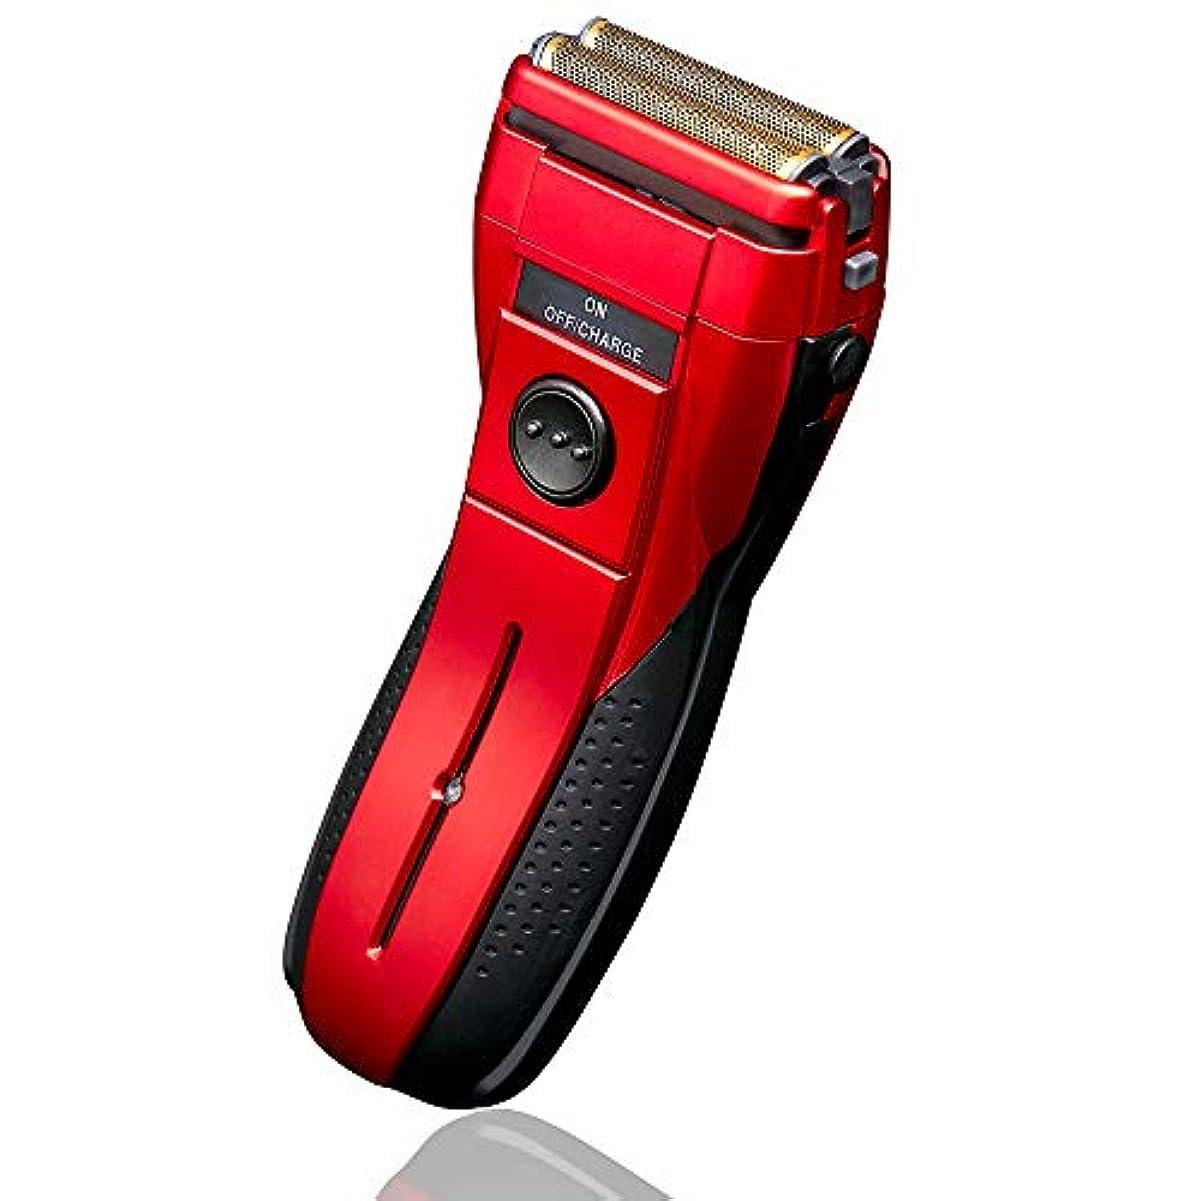 ピアニスト将来の必要とする電気シェーバー 2枚刃 髭剃り メンズシェーバー 替え刃付属付き 水洗い対応 ウォッシャブル 充電式 独立フローティング2枚刃 (Red)